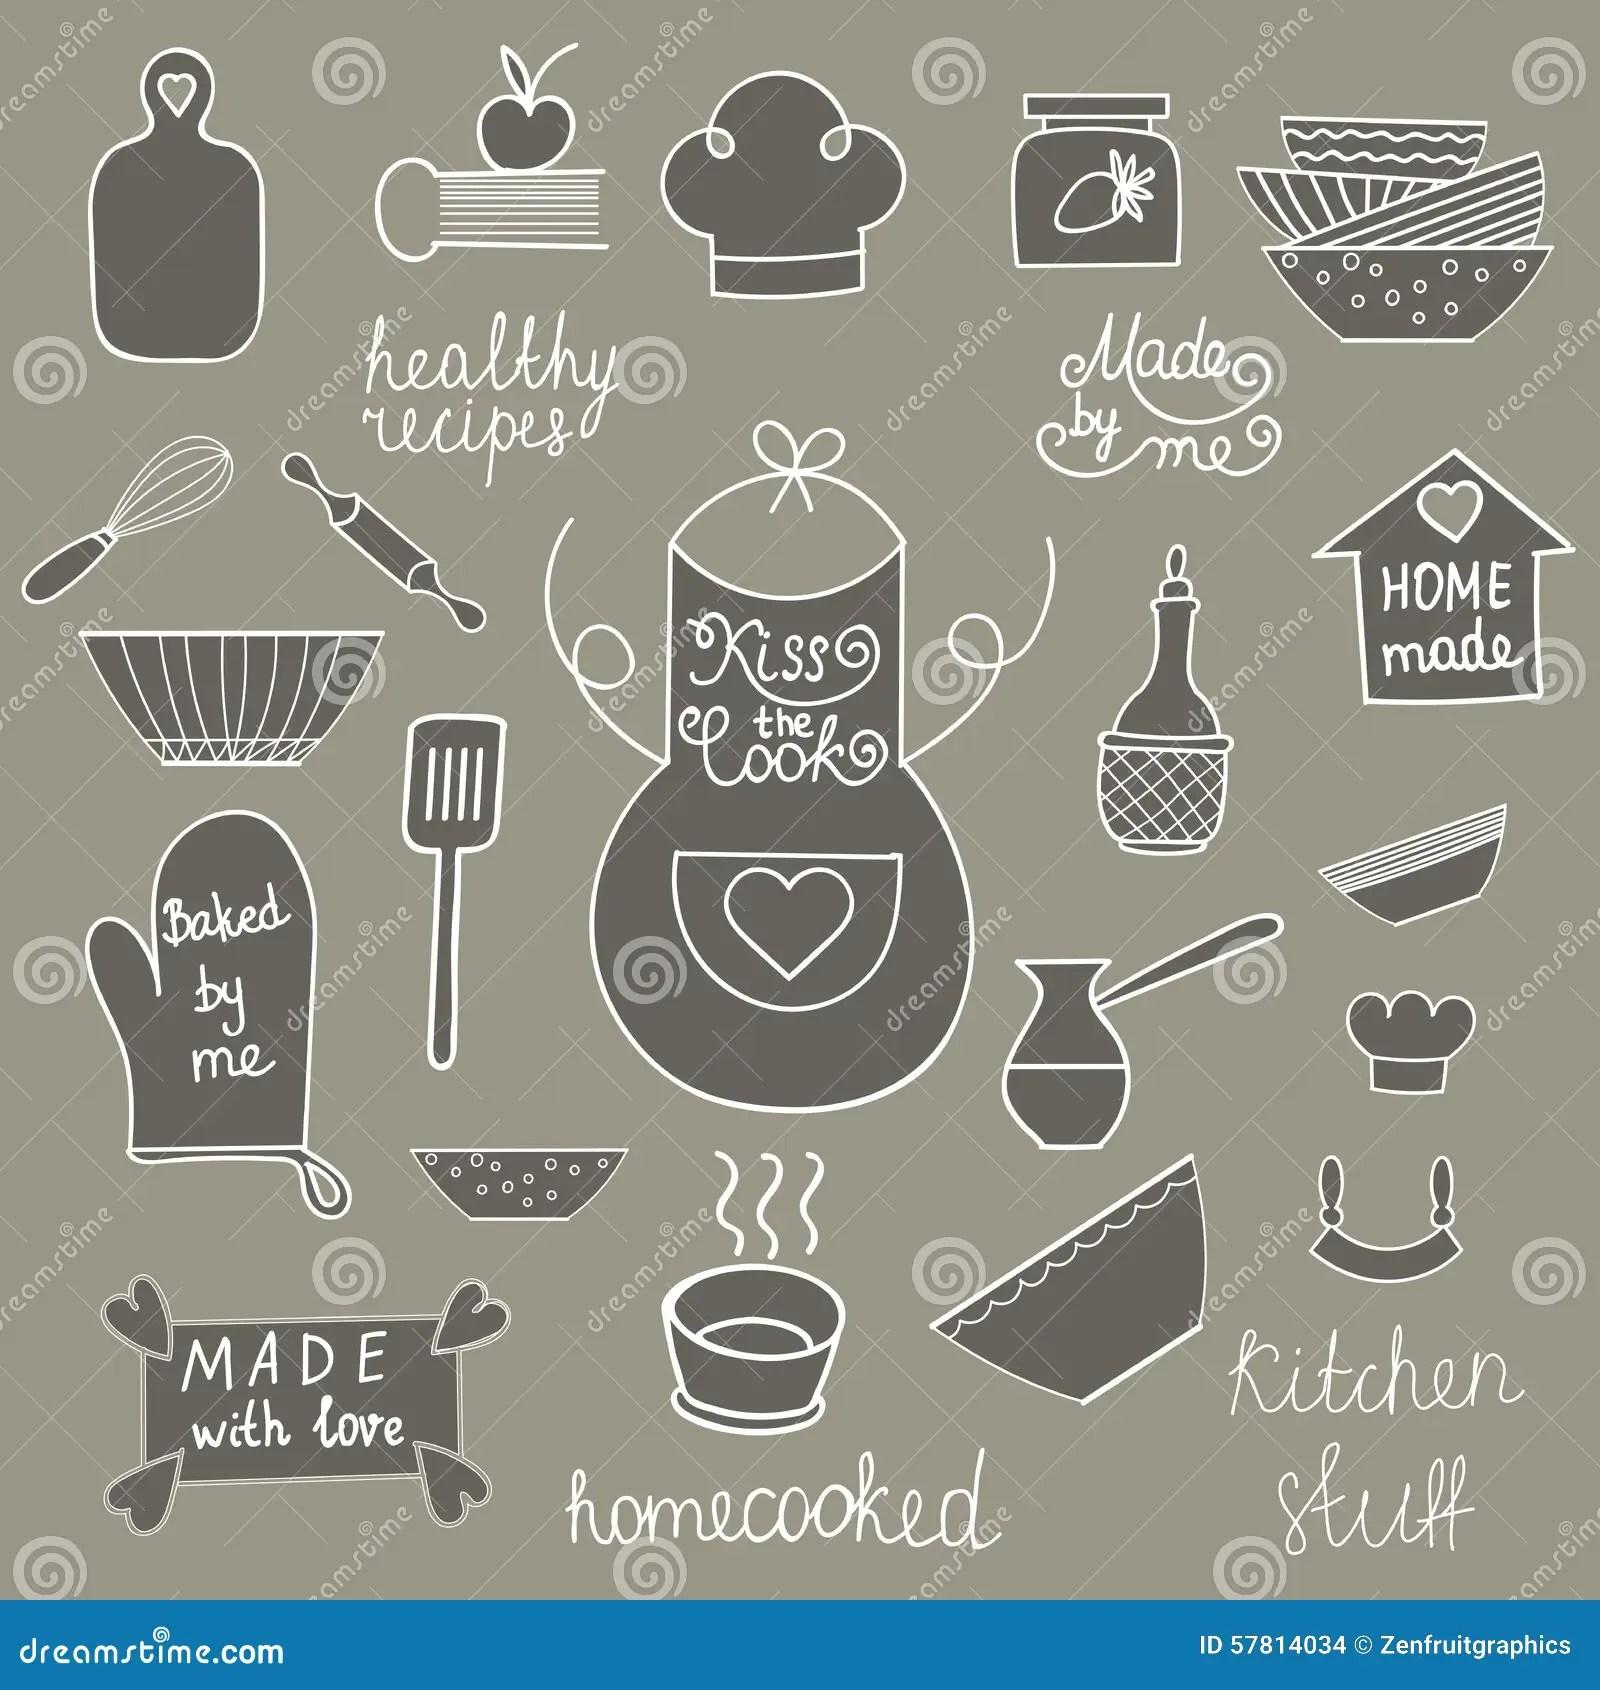 Hand Drawn Kitchen Tools Set Kitchen Utensils Kitchen Equipment Collection Kitchen Doodles